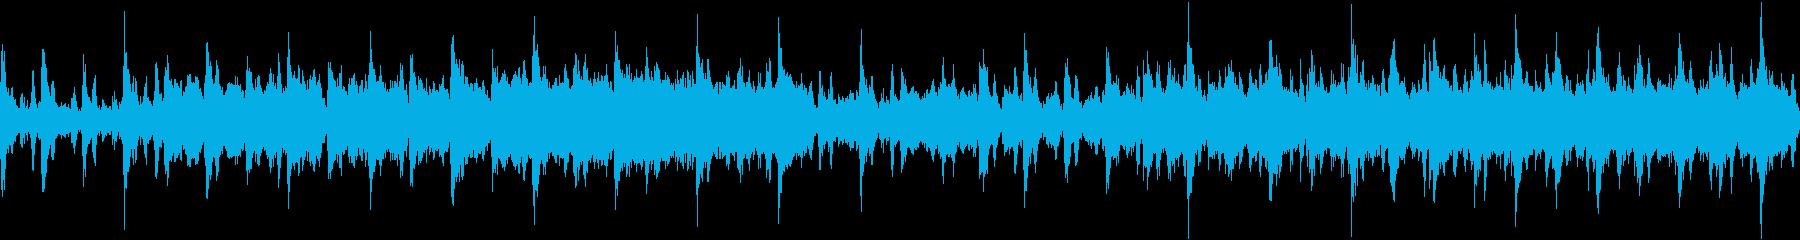 金管楽器とコーラスによる壮大な行進曲の再生済みの波形